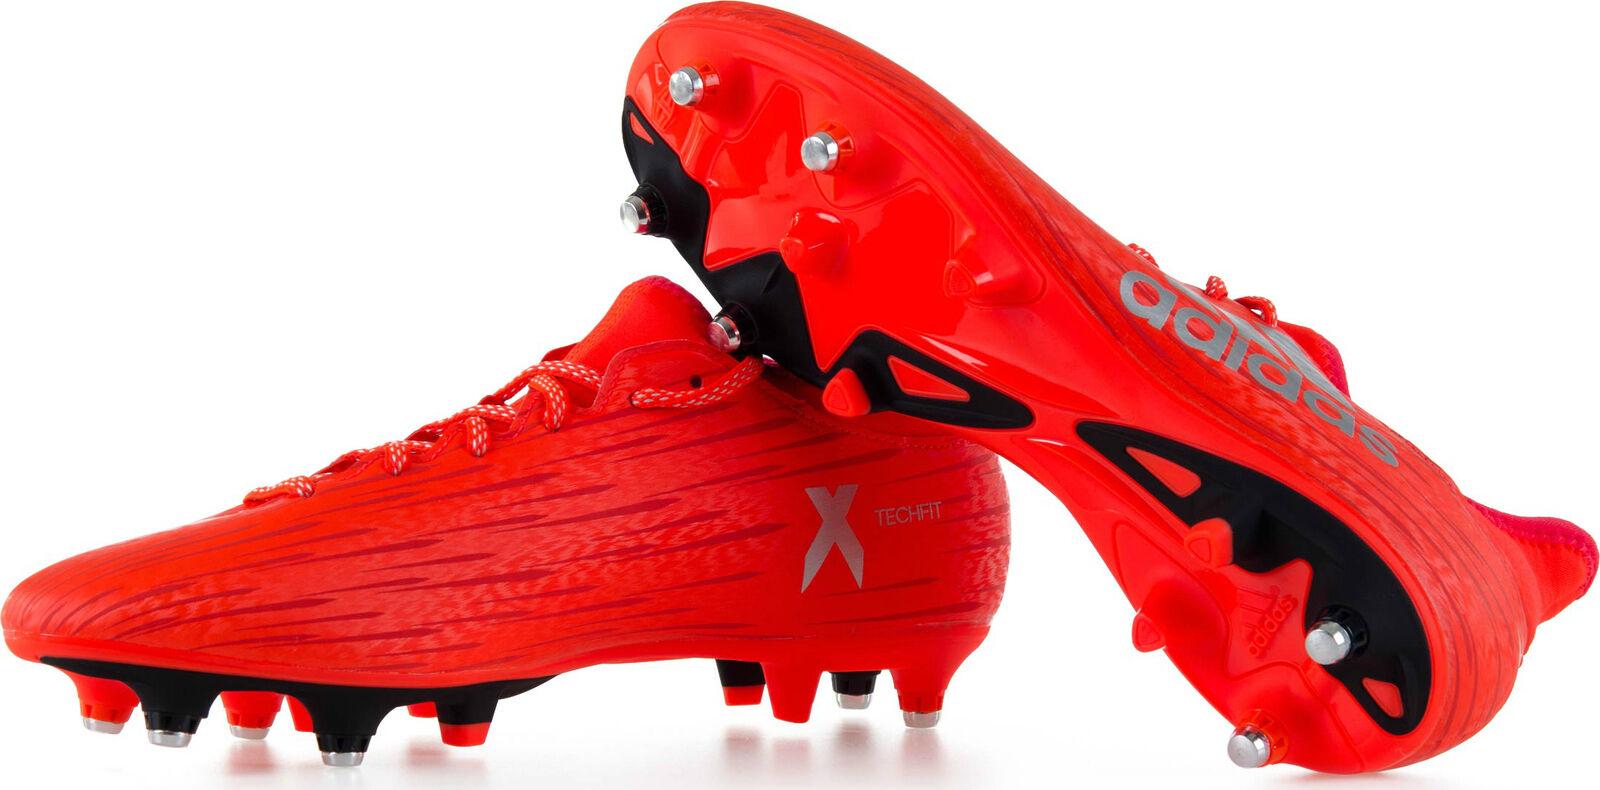 FW17 ADIDAS X16.3 SG zapatos SCARPINI CALCIO SOCCER  TECHFIT COLLAR zapatos S79570